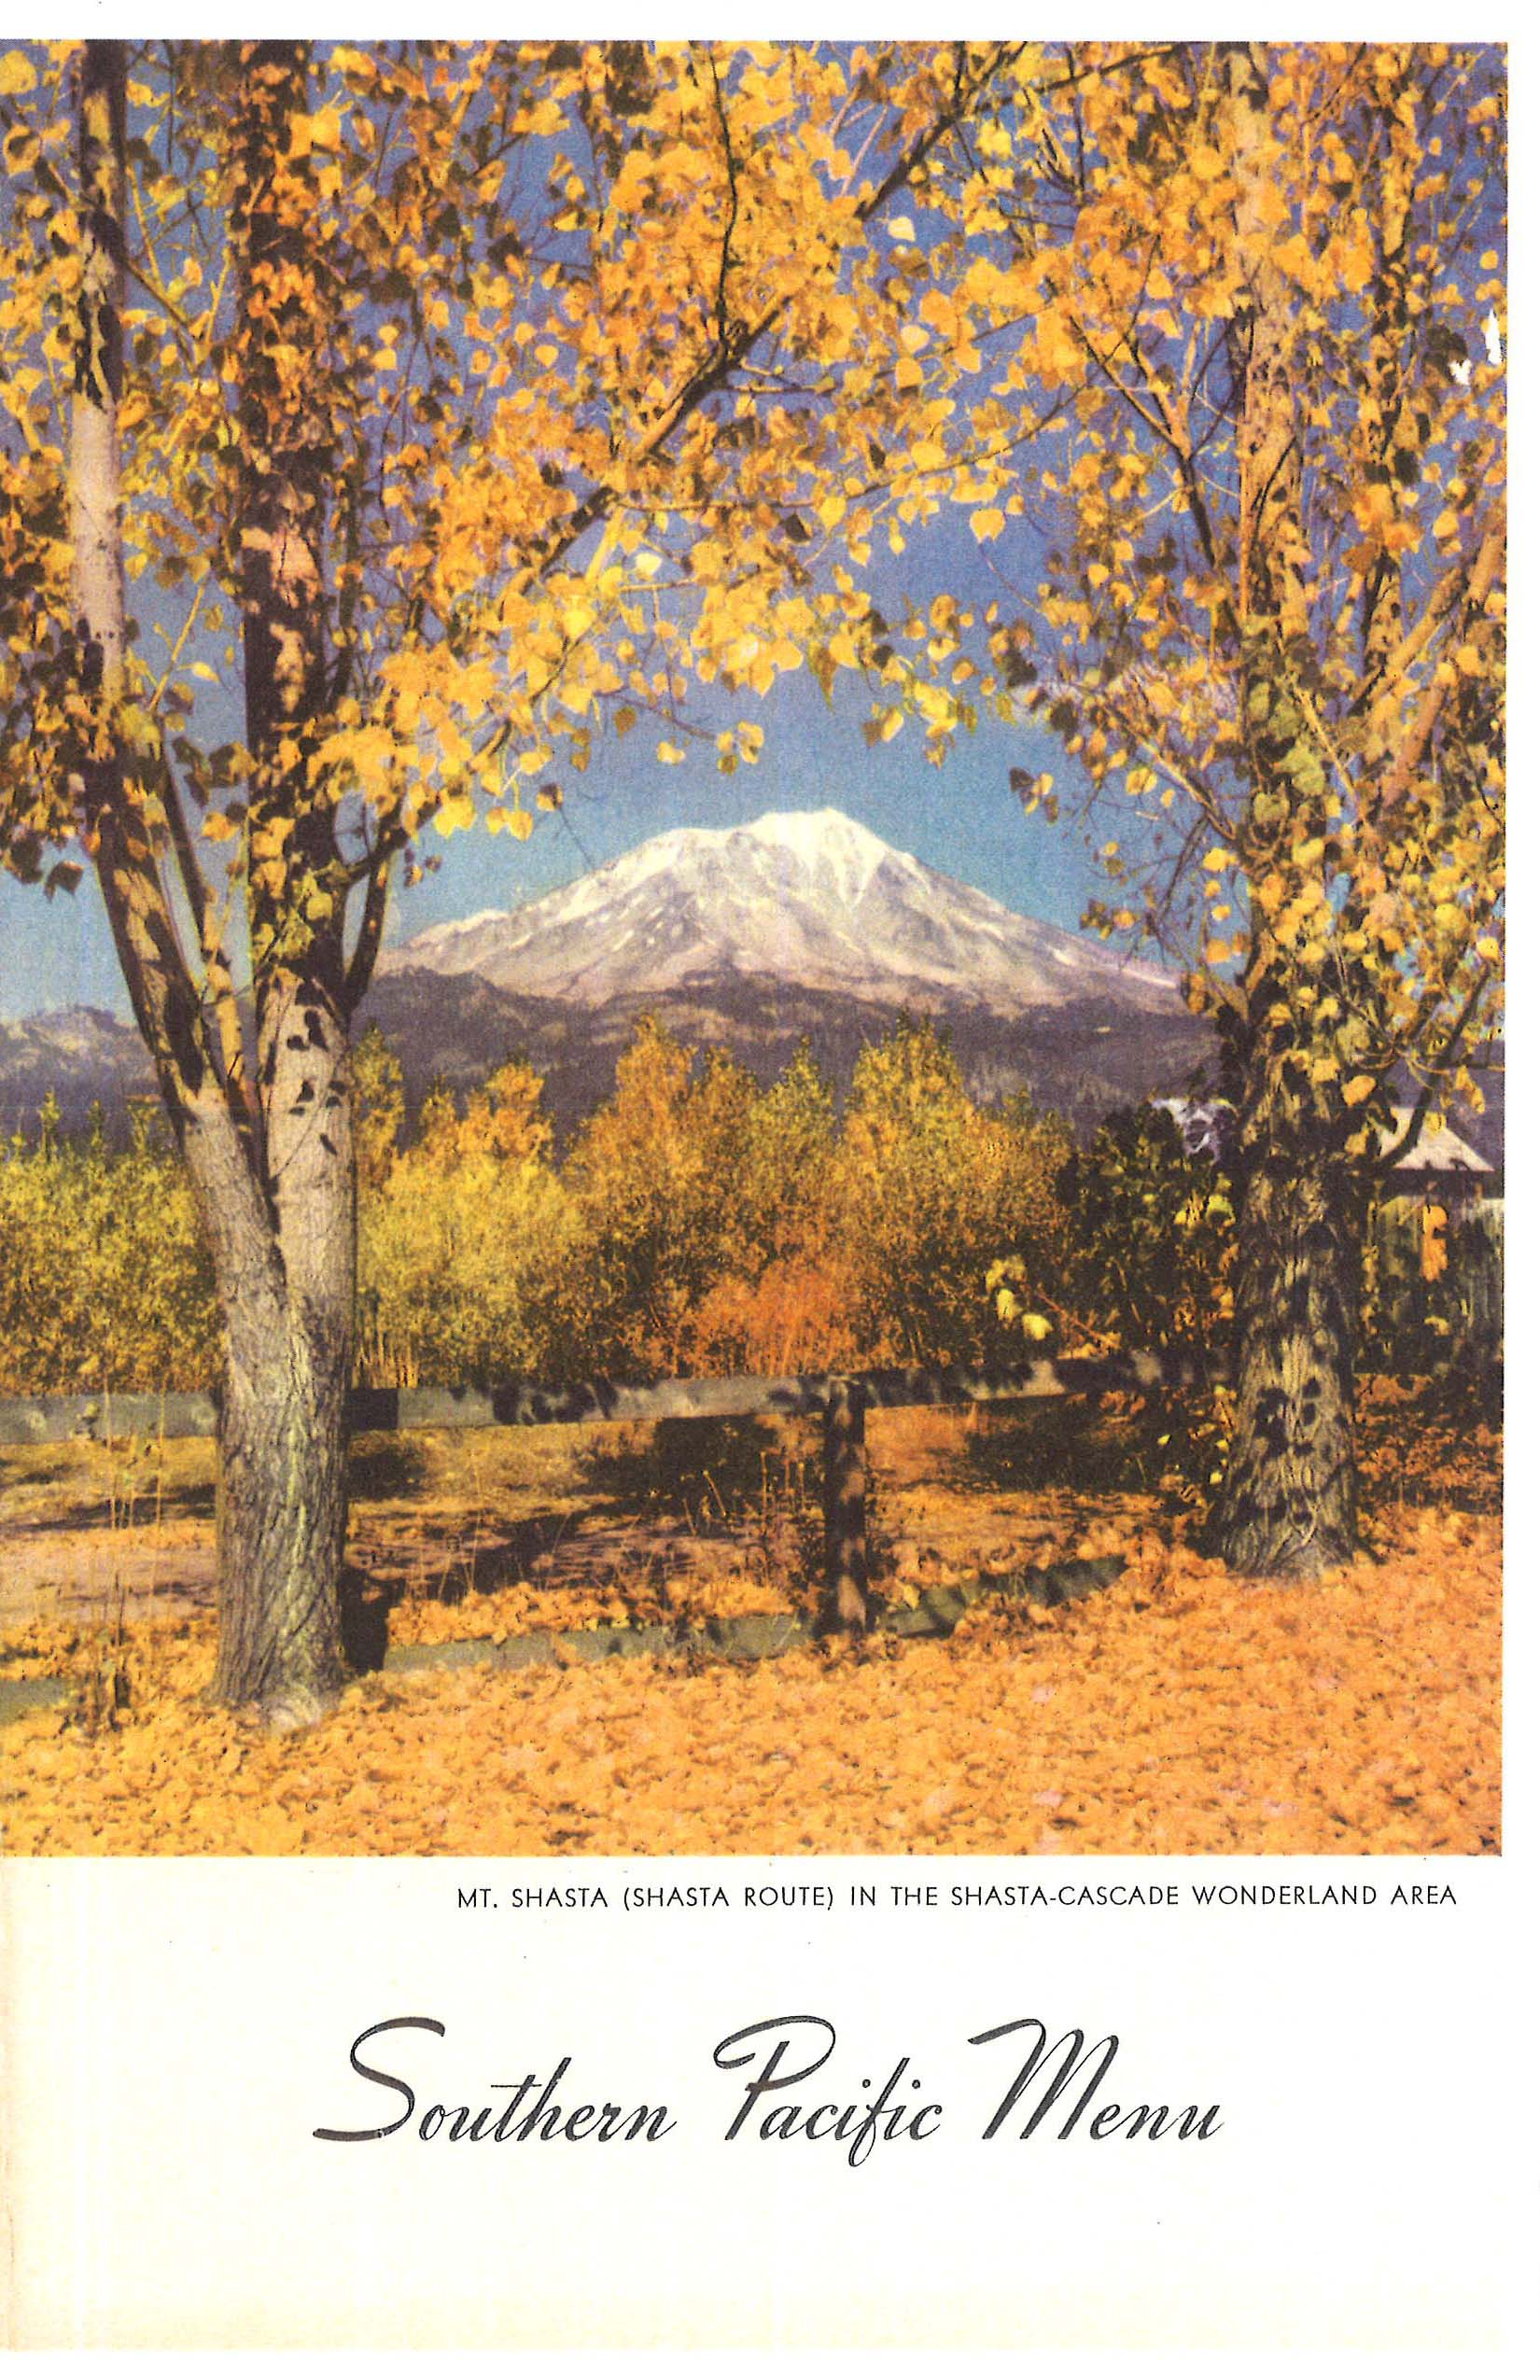 SP+Mt.+Shasta+Shasta-Cascade+Wonderland+Area+Lunch+Menu+7-48 1a.jpg